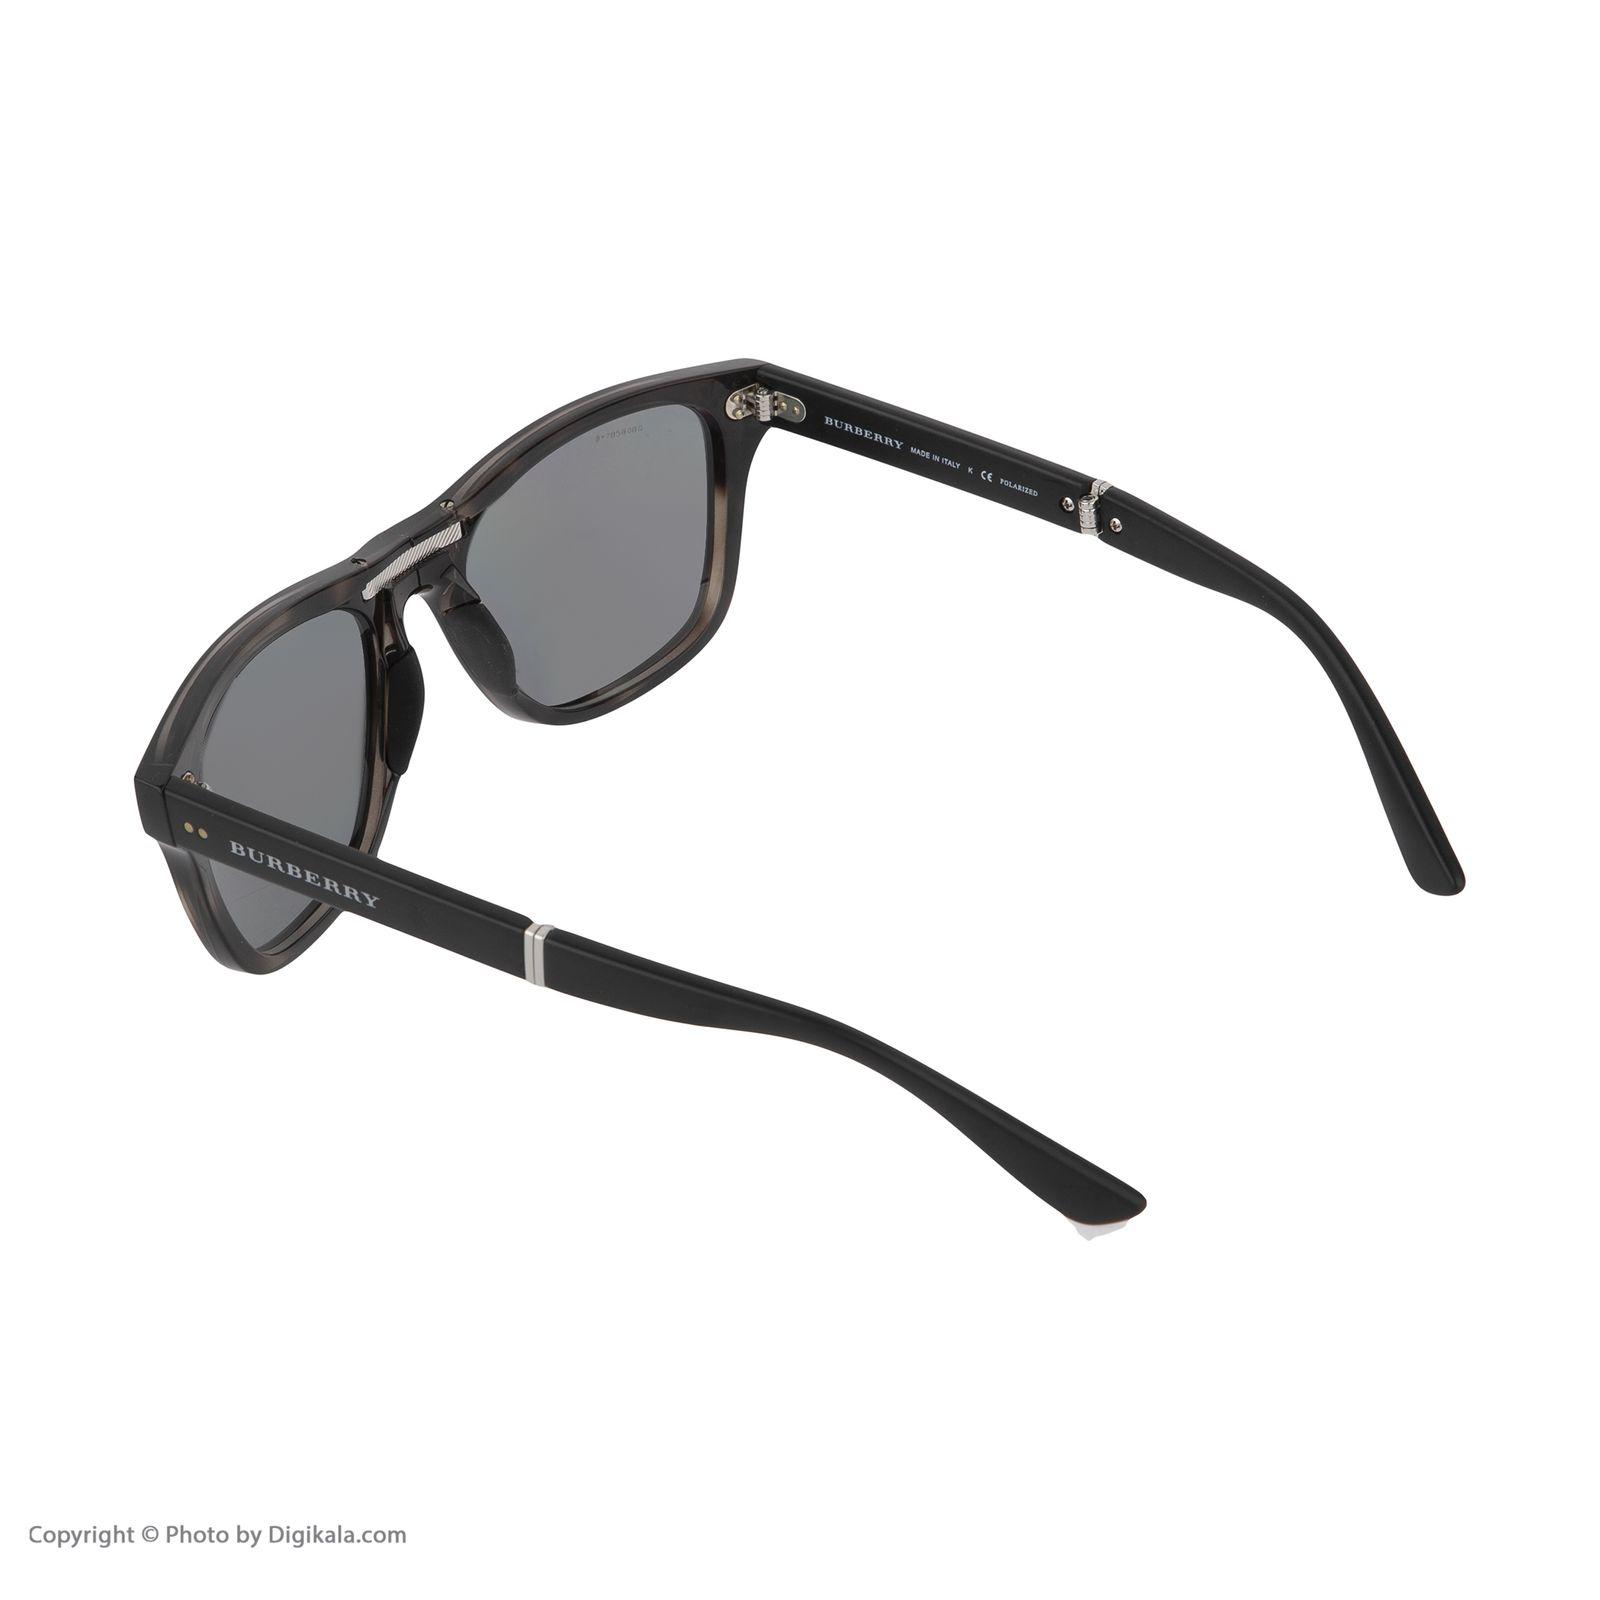 عینک آفتابی مردانه بربری مدل BE 4204S 3541T8 55 -  - 5